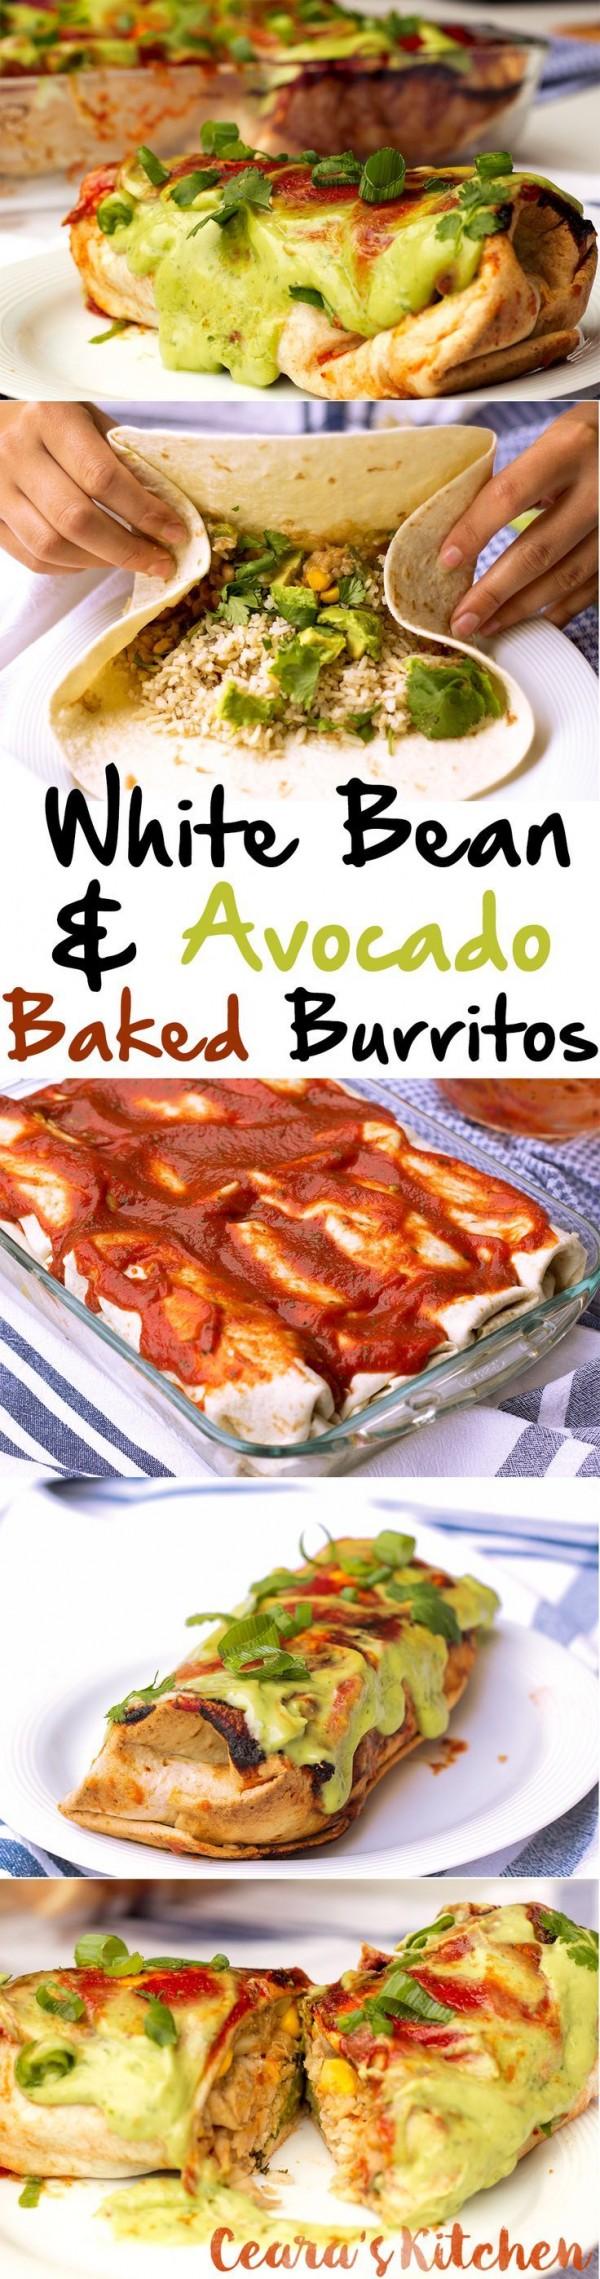 Get the recipe White Bean and Avocado Baked Burritos @recipes_to_go